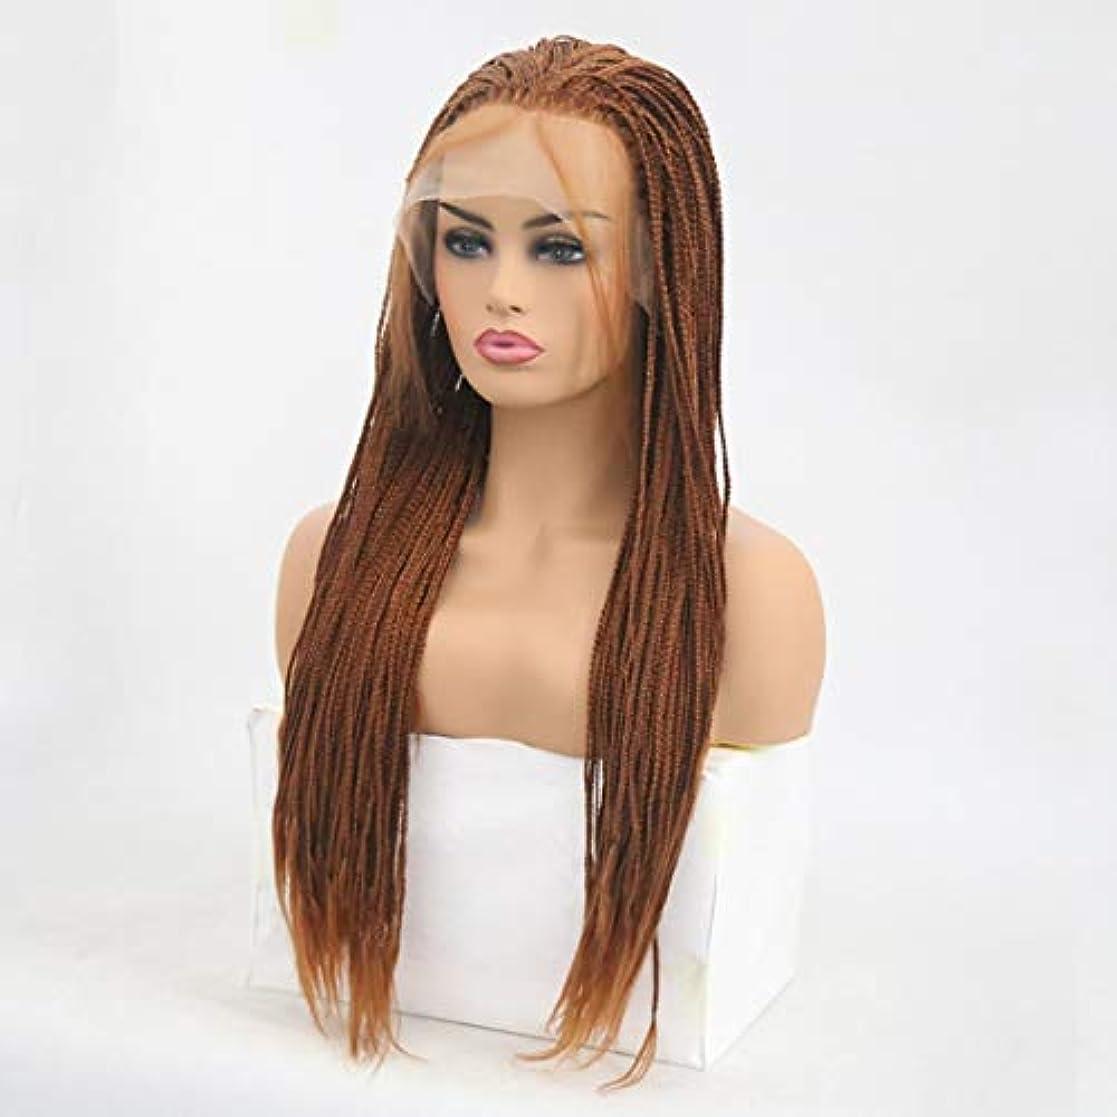 まだアーチ壊滅的なKerwinner 女性のための前髪の髪のかつらで絹のような長いストレート黒かつら耐熱合成かつら (Size : 20 inches)